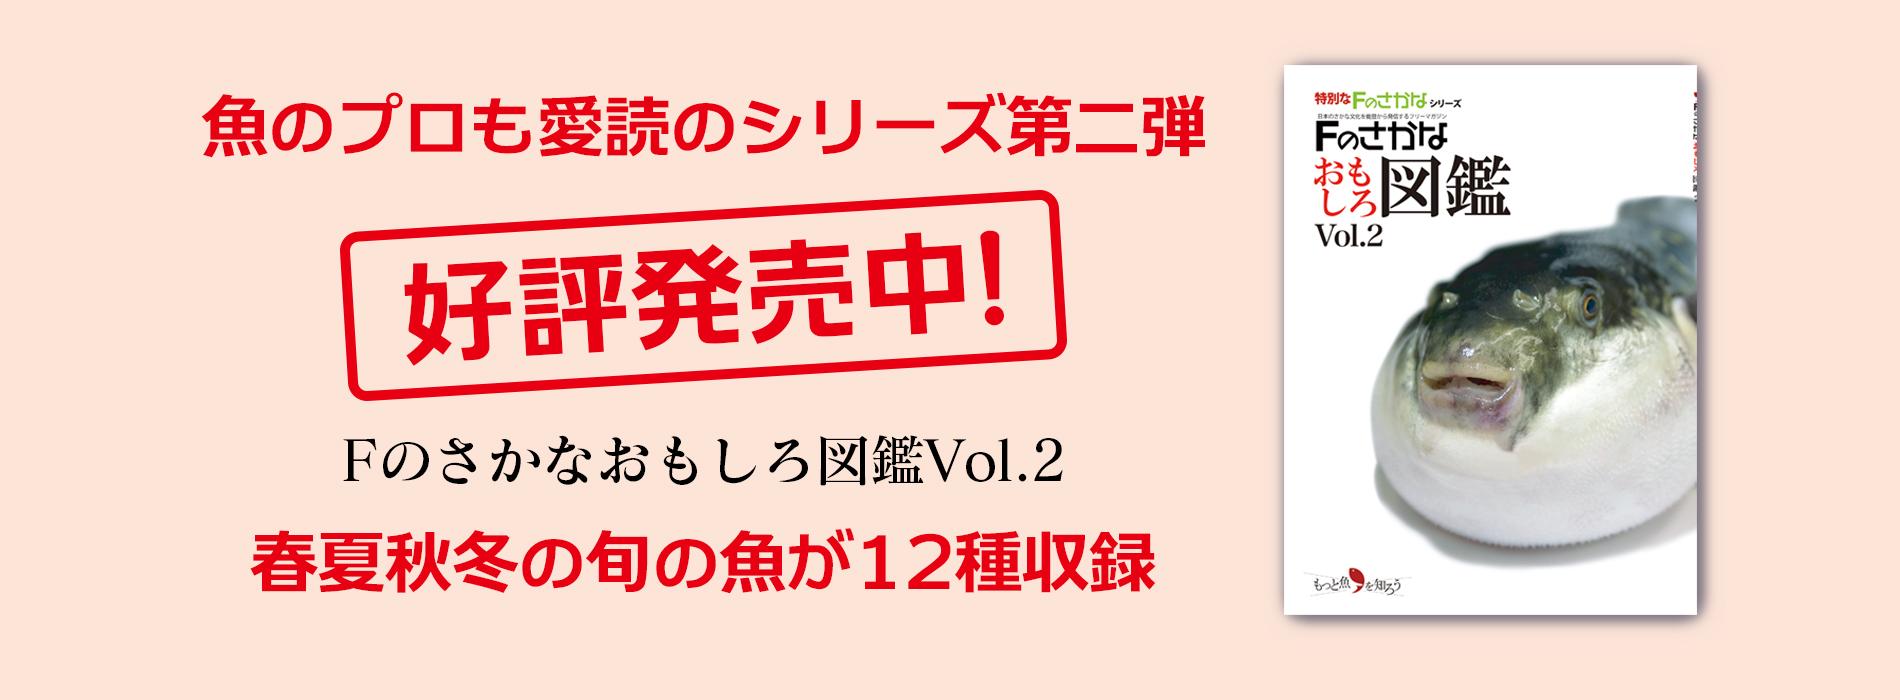 Fのさかなおもしろ図鑑Vol.2好評発売中!